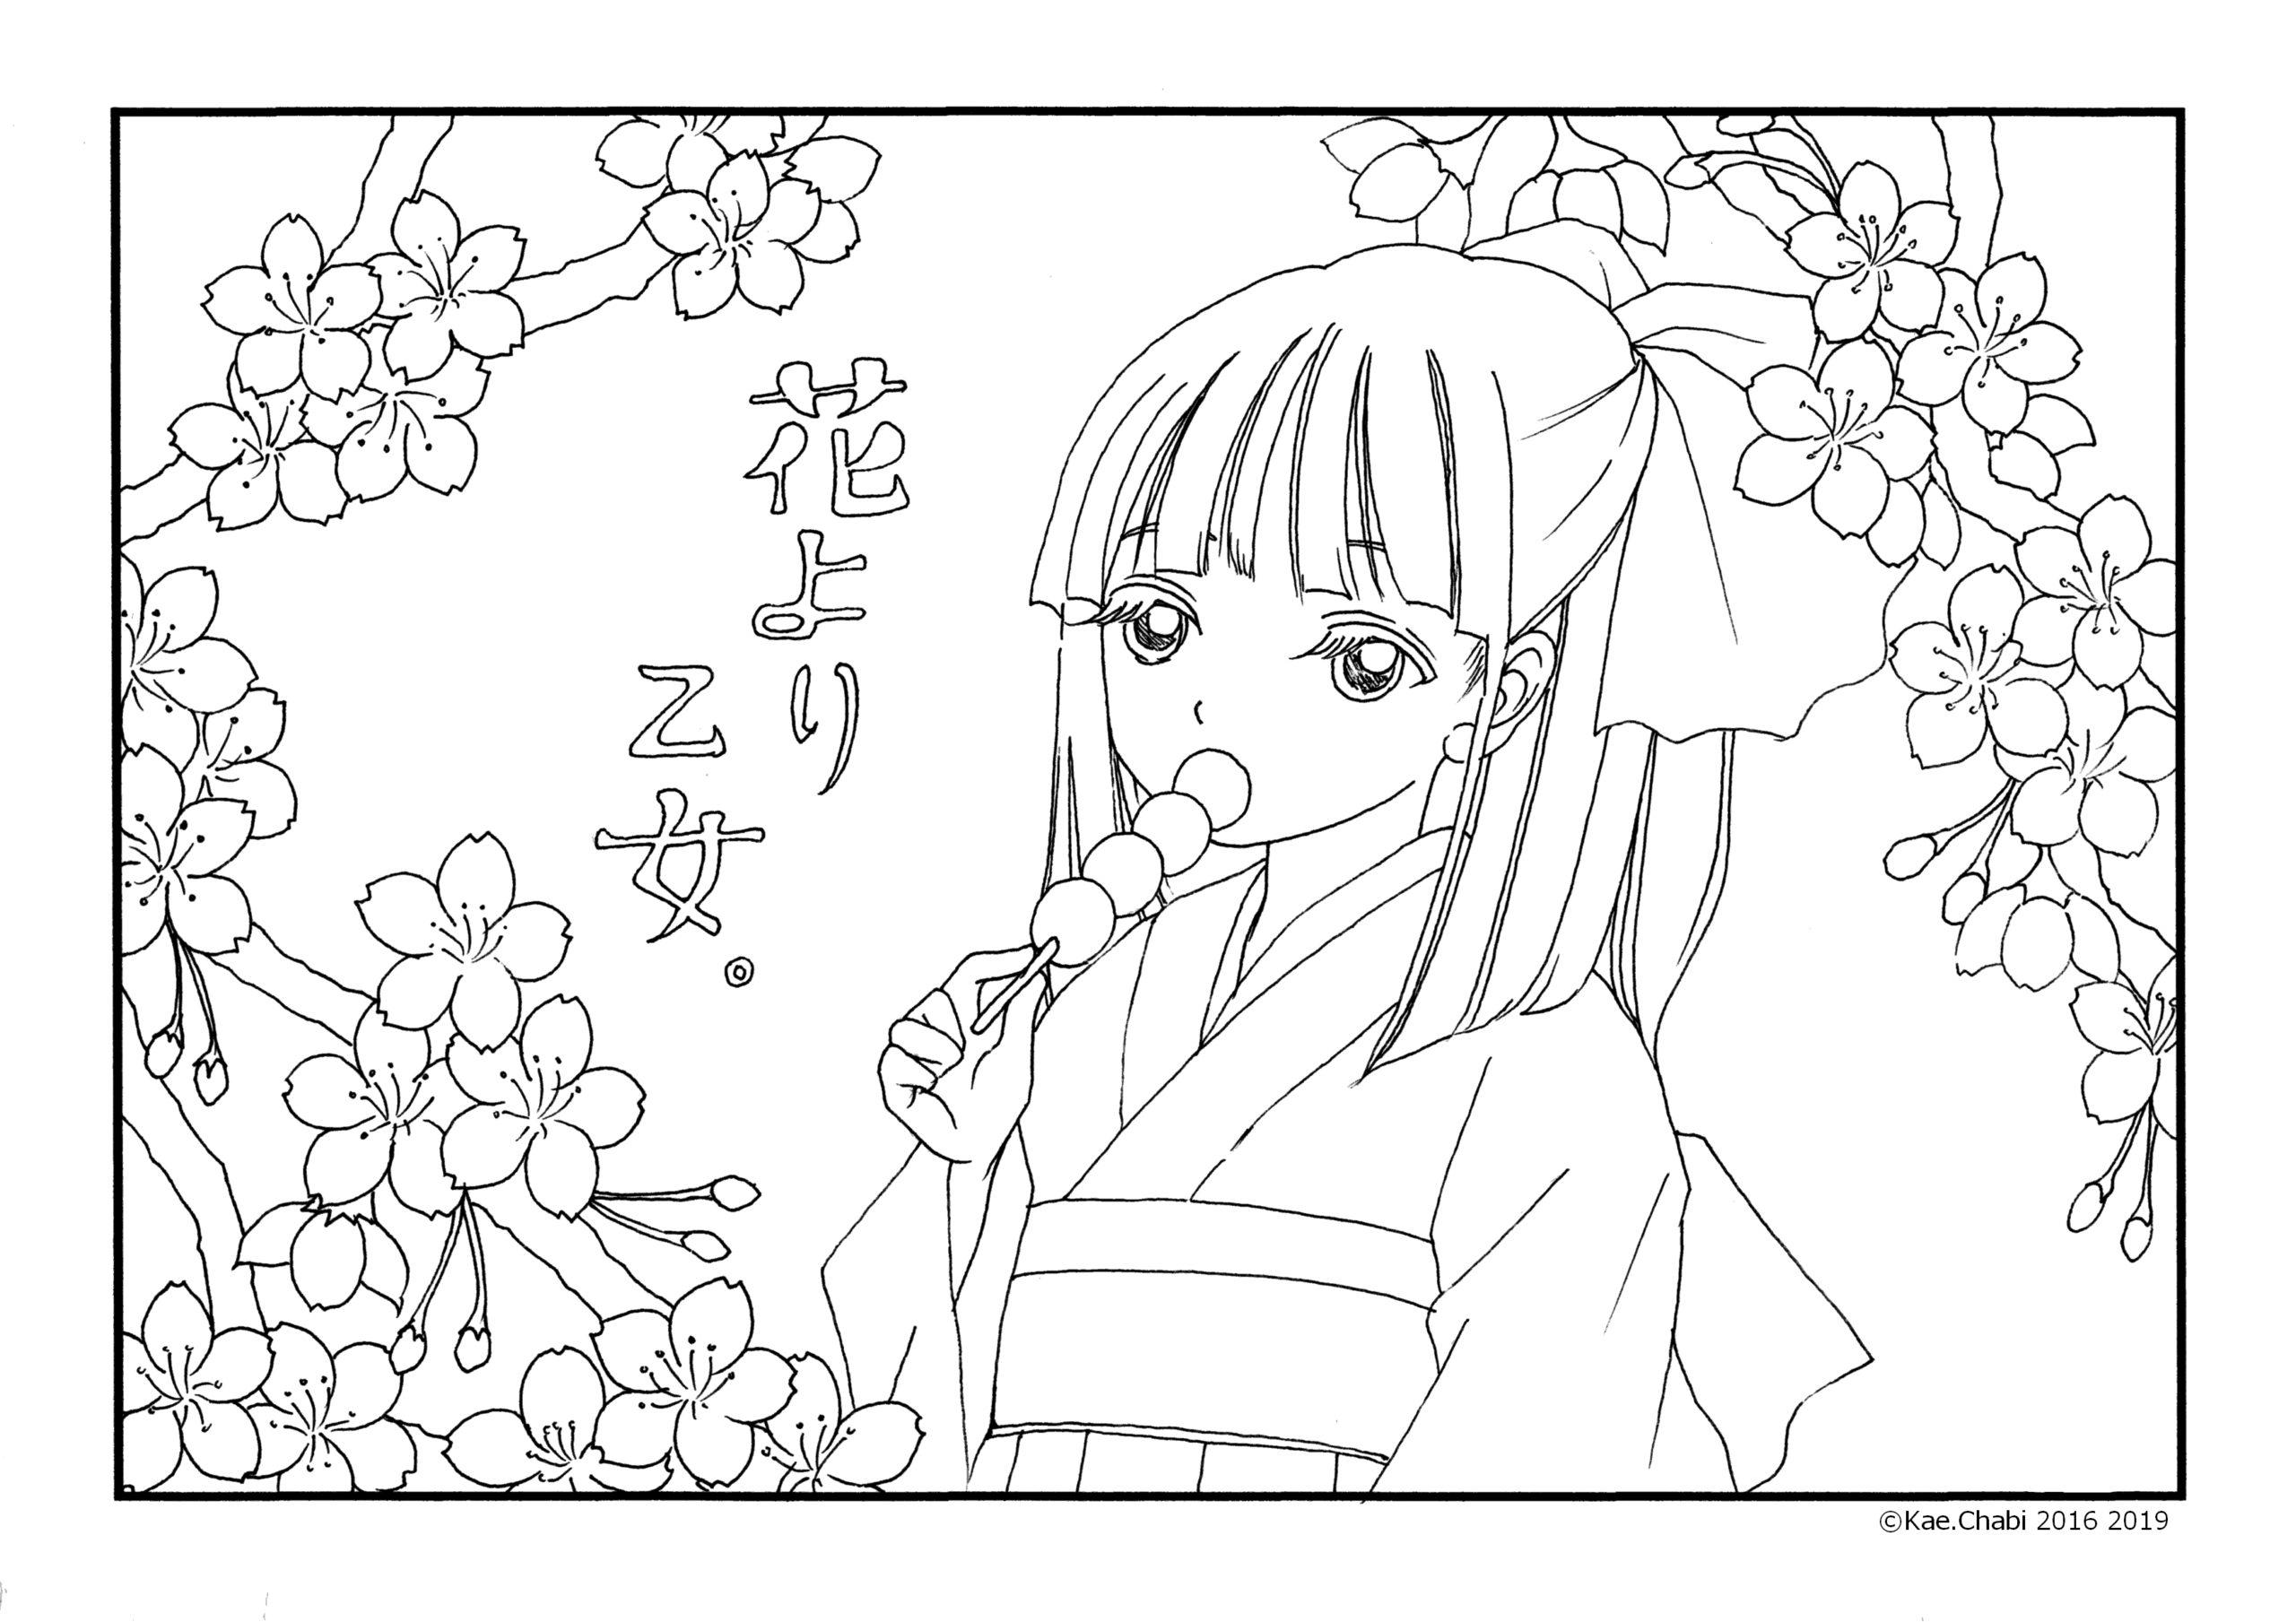 4月 3月にも使える塗り絵 桜に囲まれて 春爛漫 花より団子 ぬりえ線画 かえちゃびのぬりえカレンダー